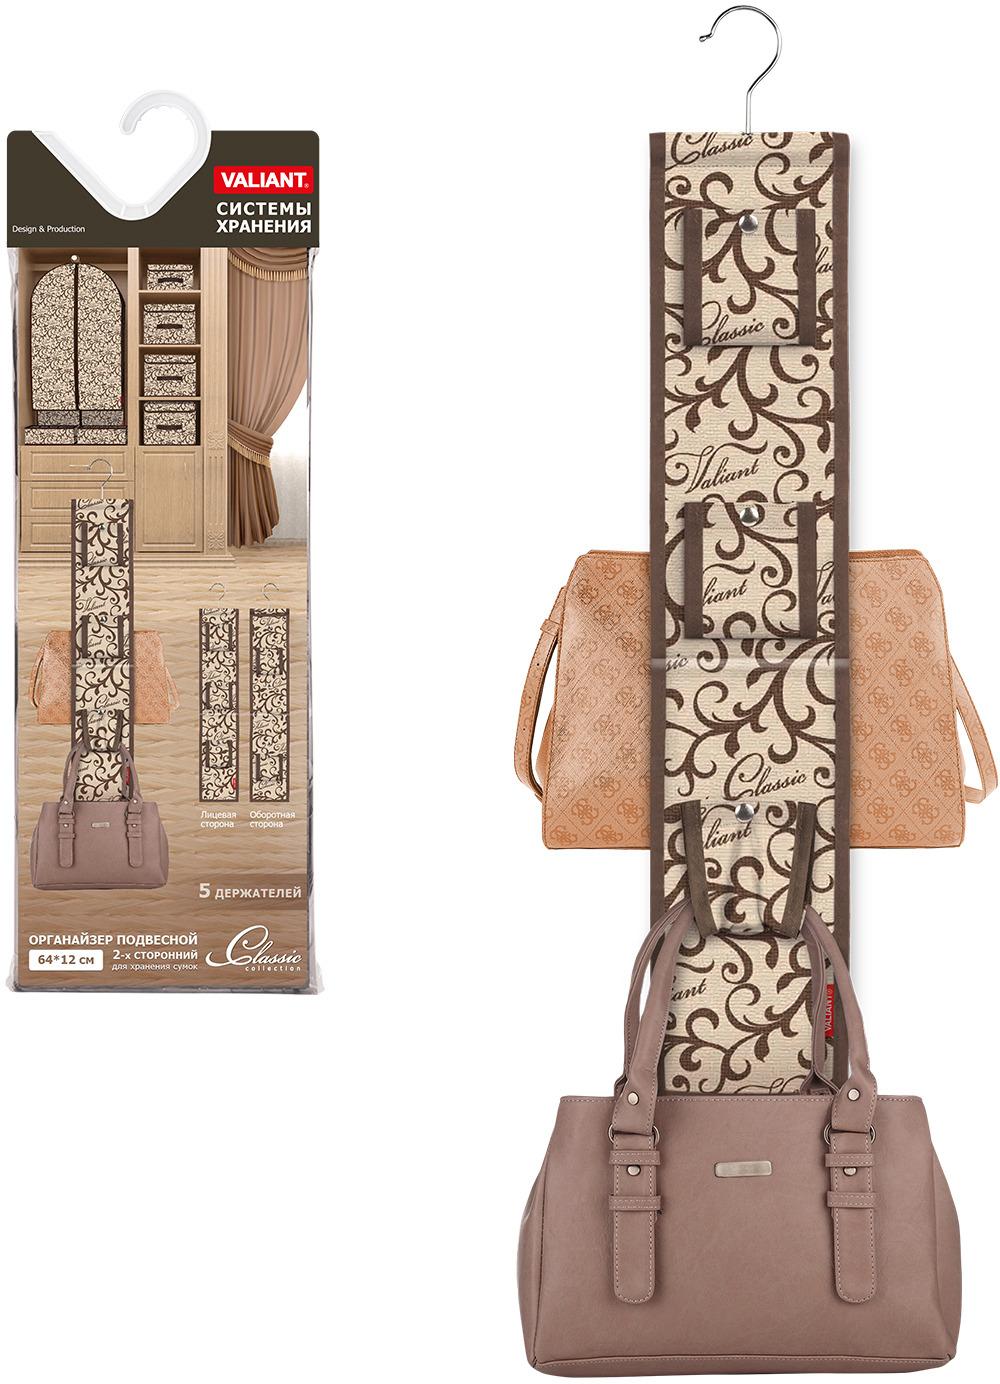 Органайзер подвесной Valiant Classic, цвет: коричневый, 64 х 12 см жакет 2 х сторонний из норки landi